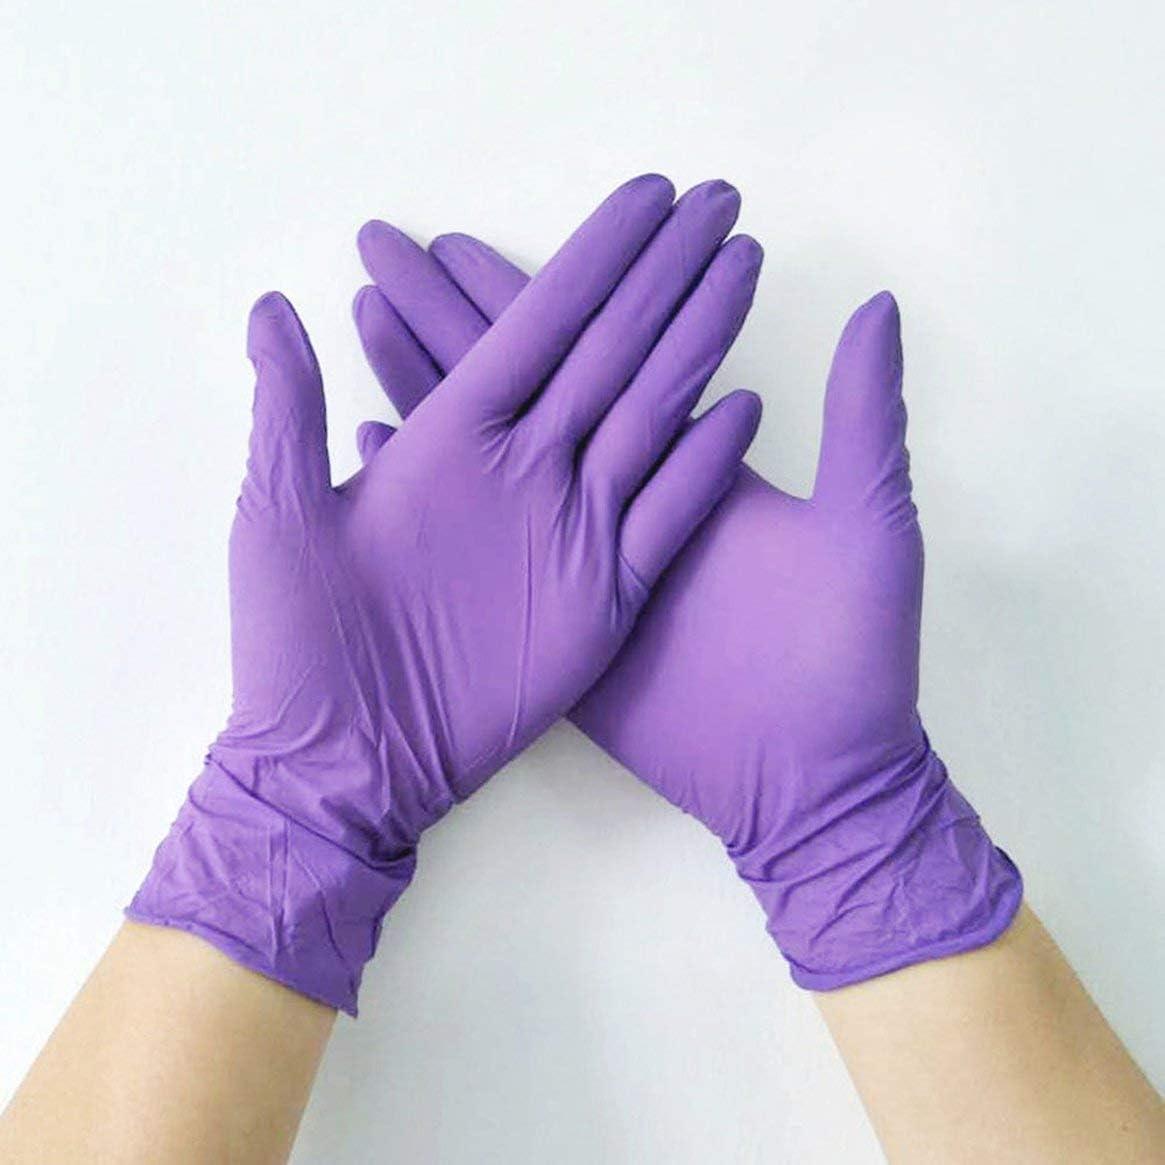 Prima05Sally Guantes Desechables de Goma de nitrilo para Lavar Platos//Cocina//Trabajo//Goma//Guantes de jard/ín 100 Piezas S